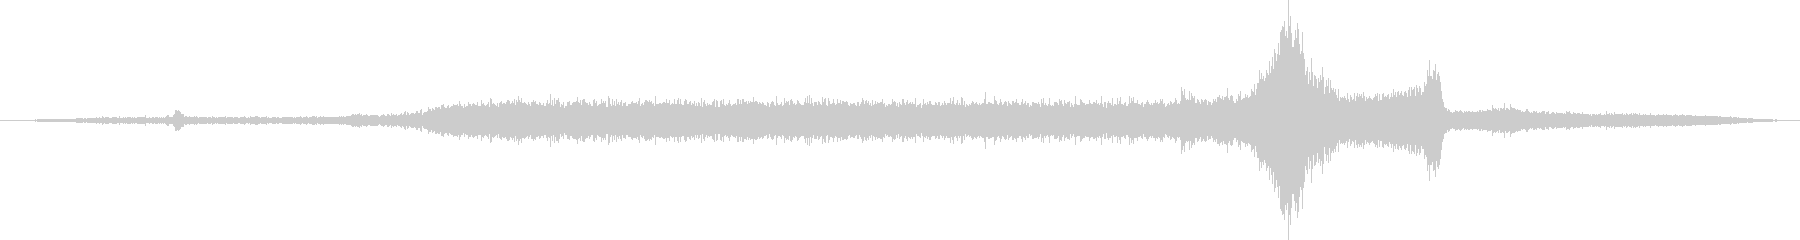 空母:Int:カタパルトルーム:打...の未再生の波形